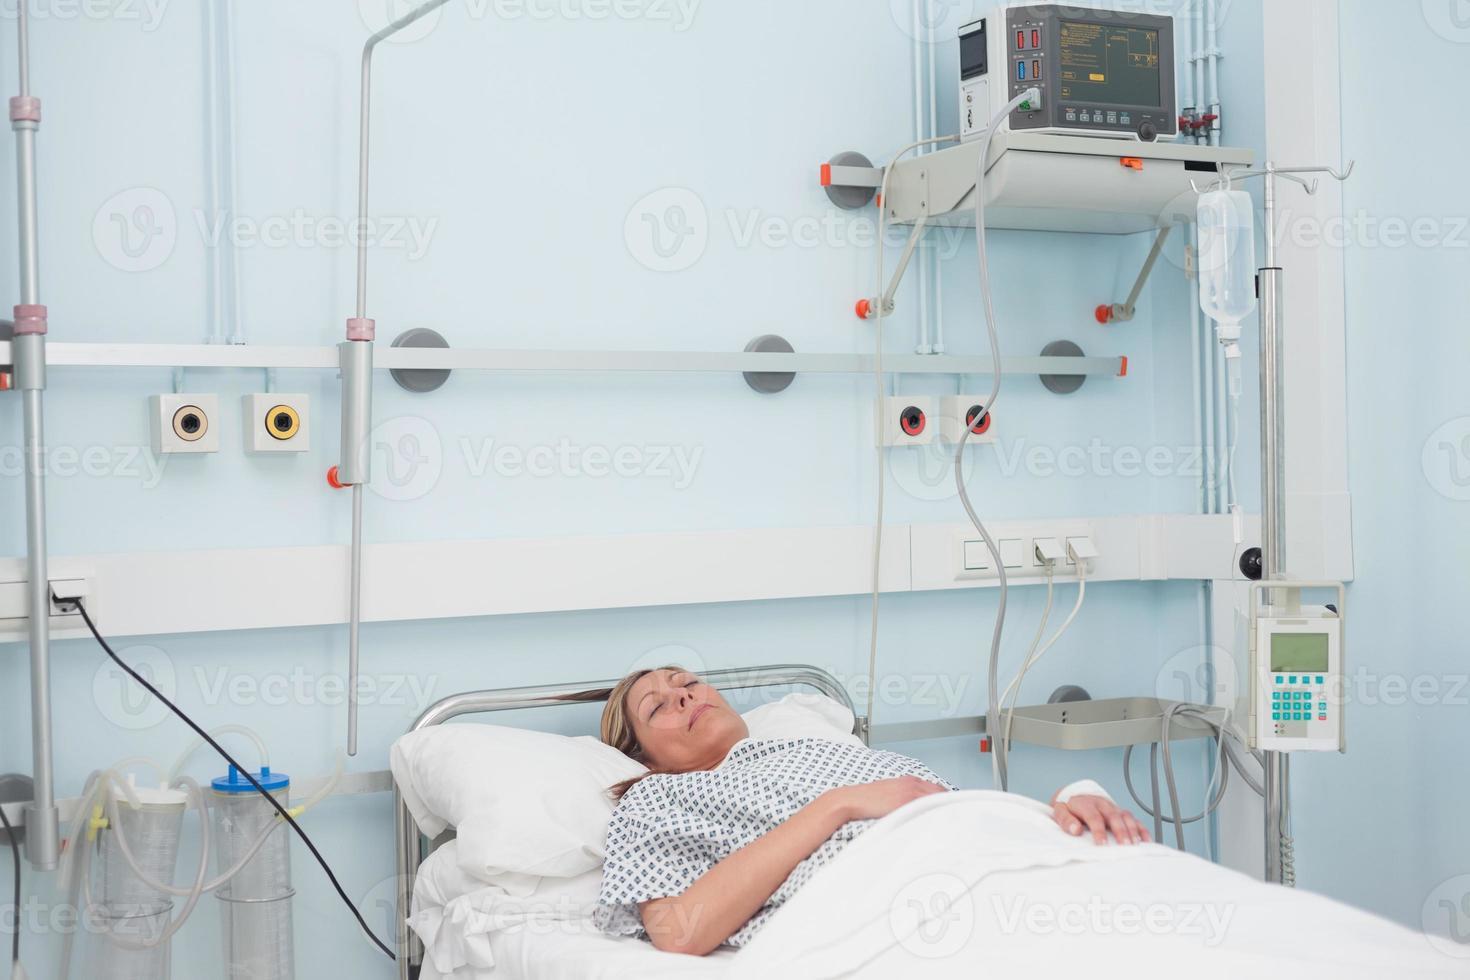 kvinnlig patient som ligger på en säng foto